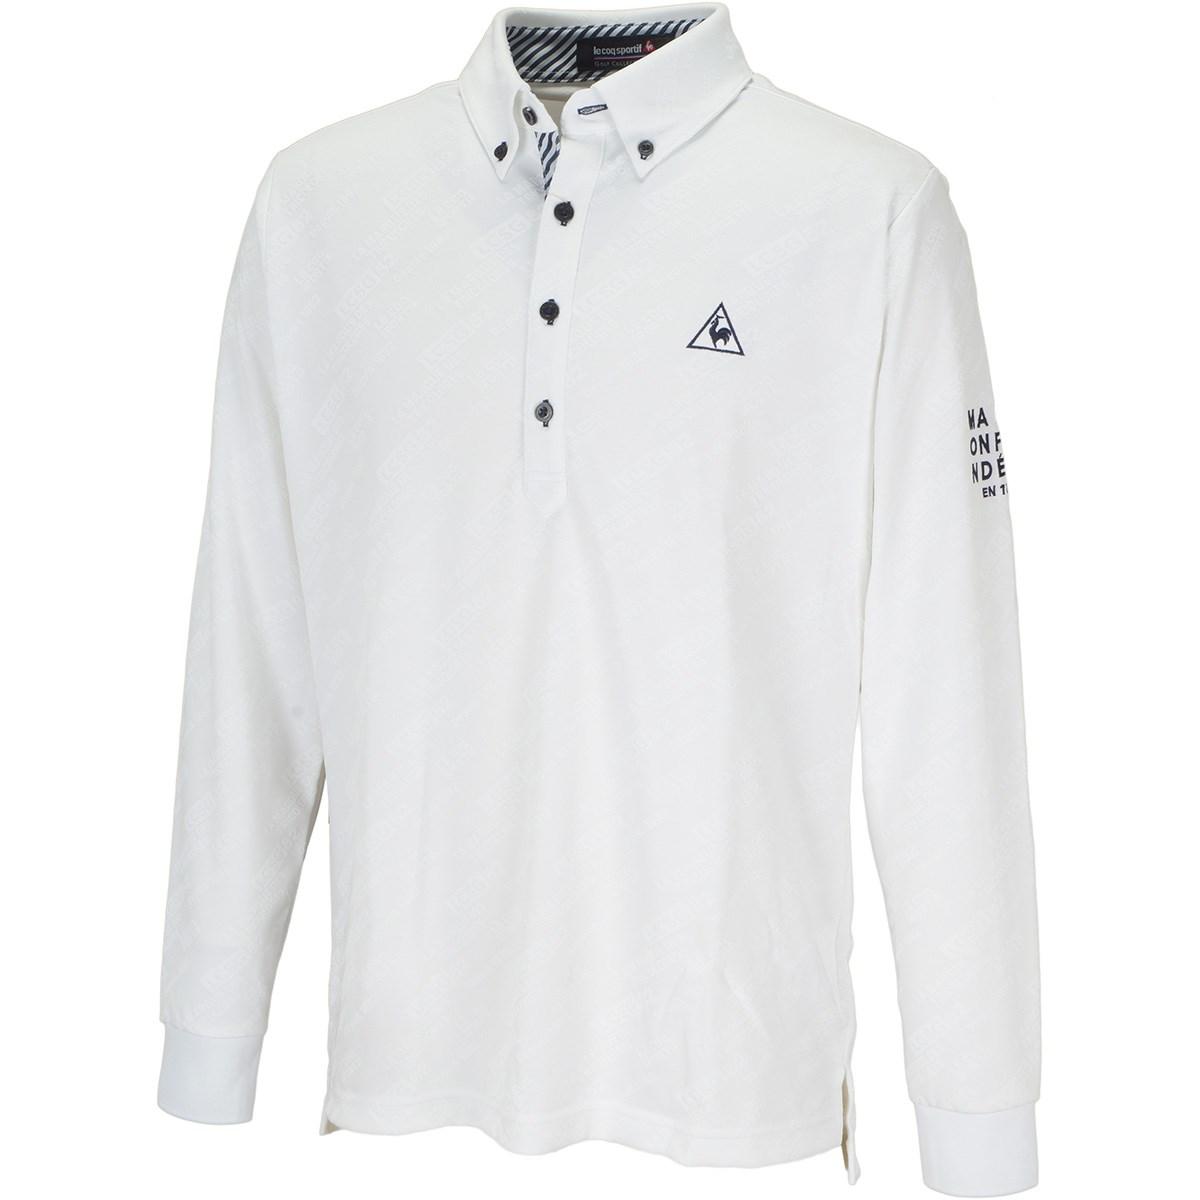 ルコックゴルフ Le coq sportif GOLF グラフィックジャカード長袖ポロシャツ M ホワイト 00